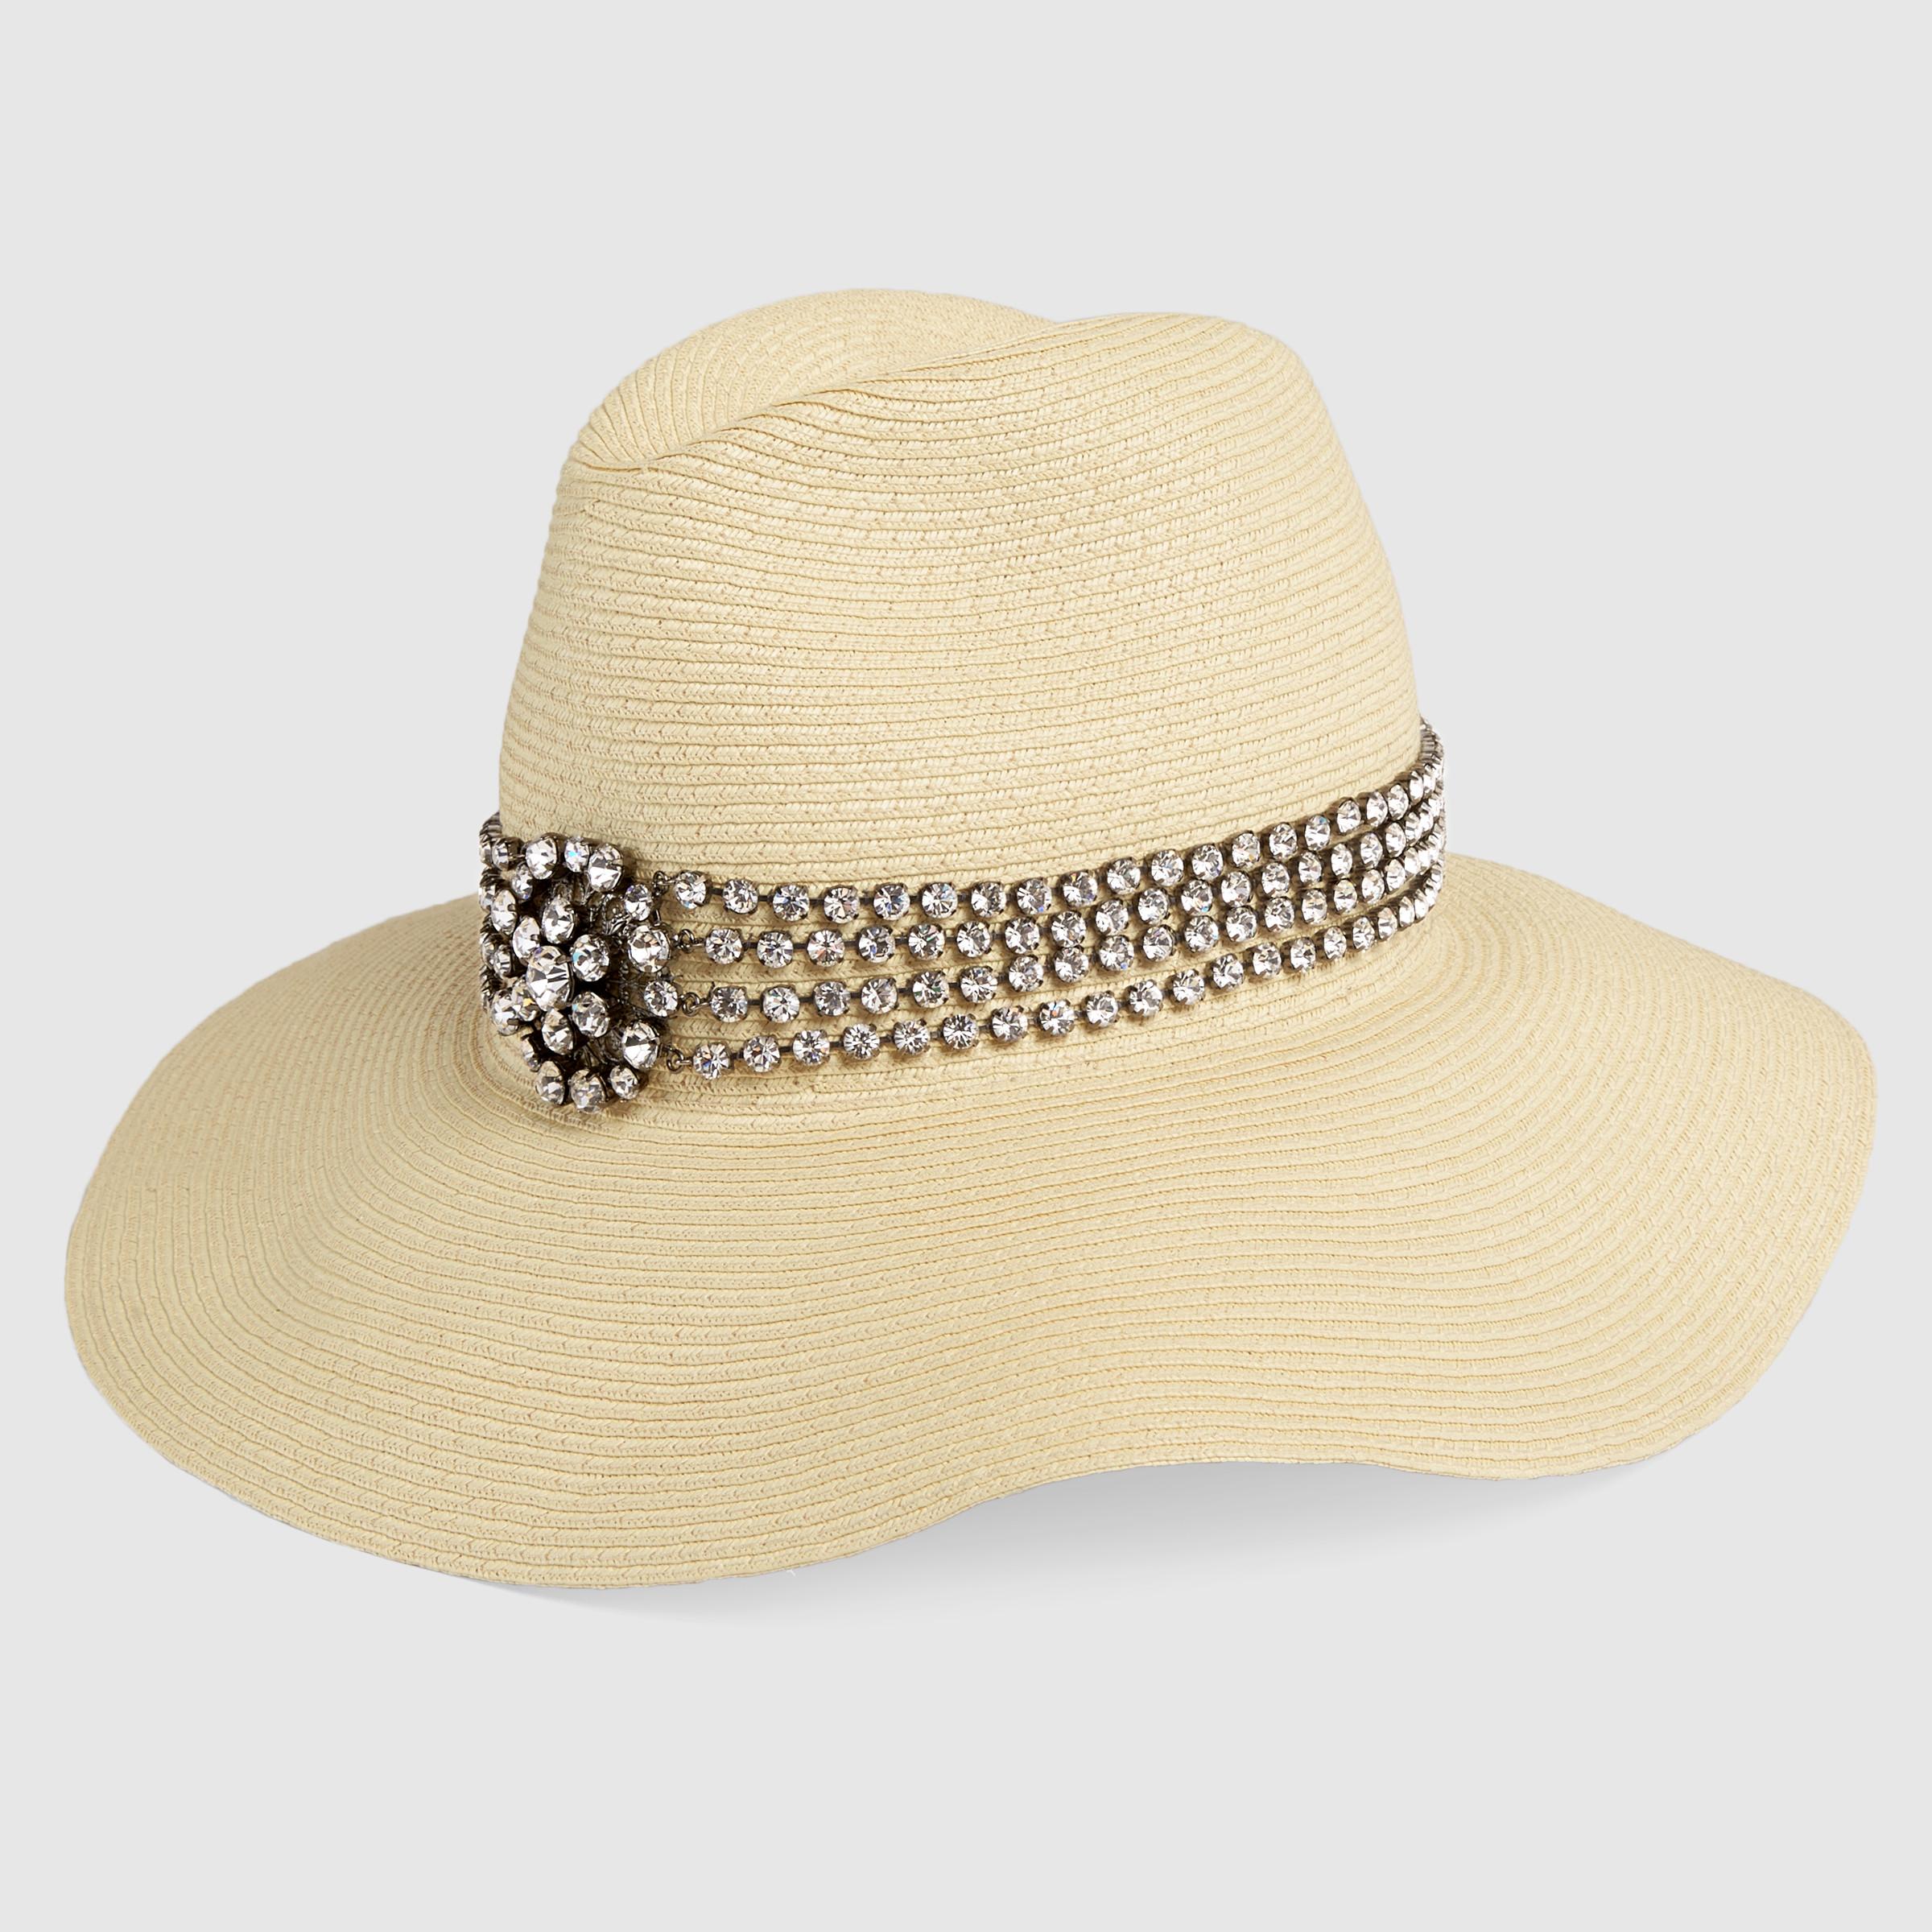 Cappello gioiello in paglia Gucci